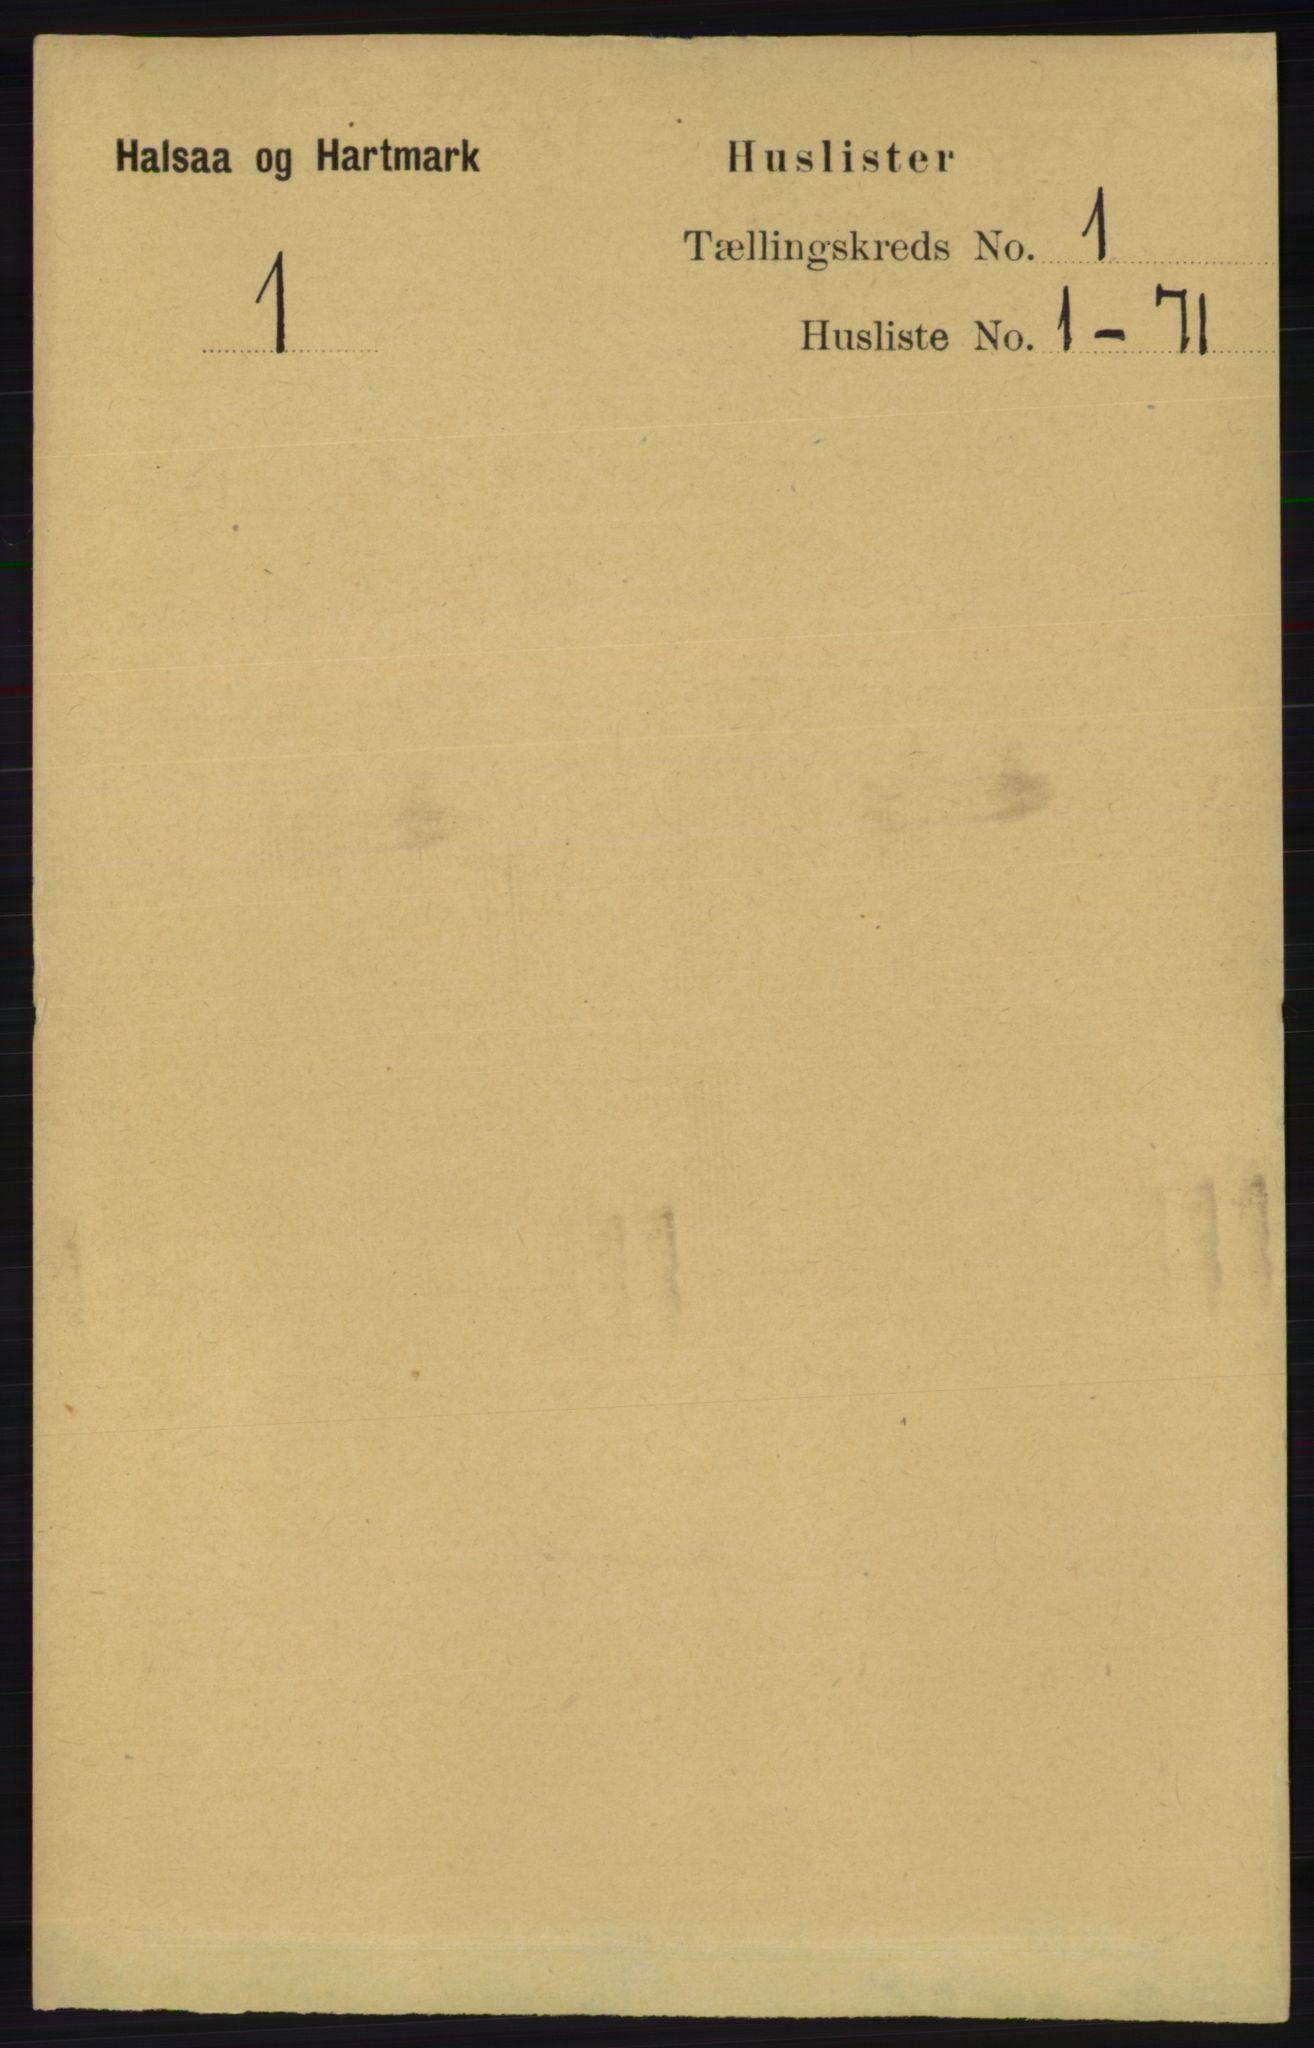 RA, Folketelling 1891 for 1019 Halse og Harkmark herred, 1891, s. 25